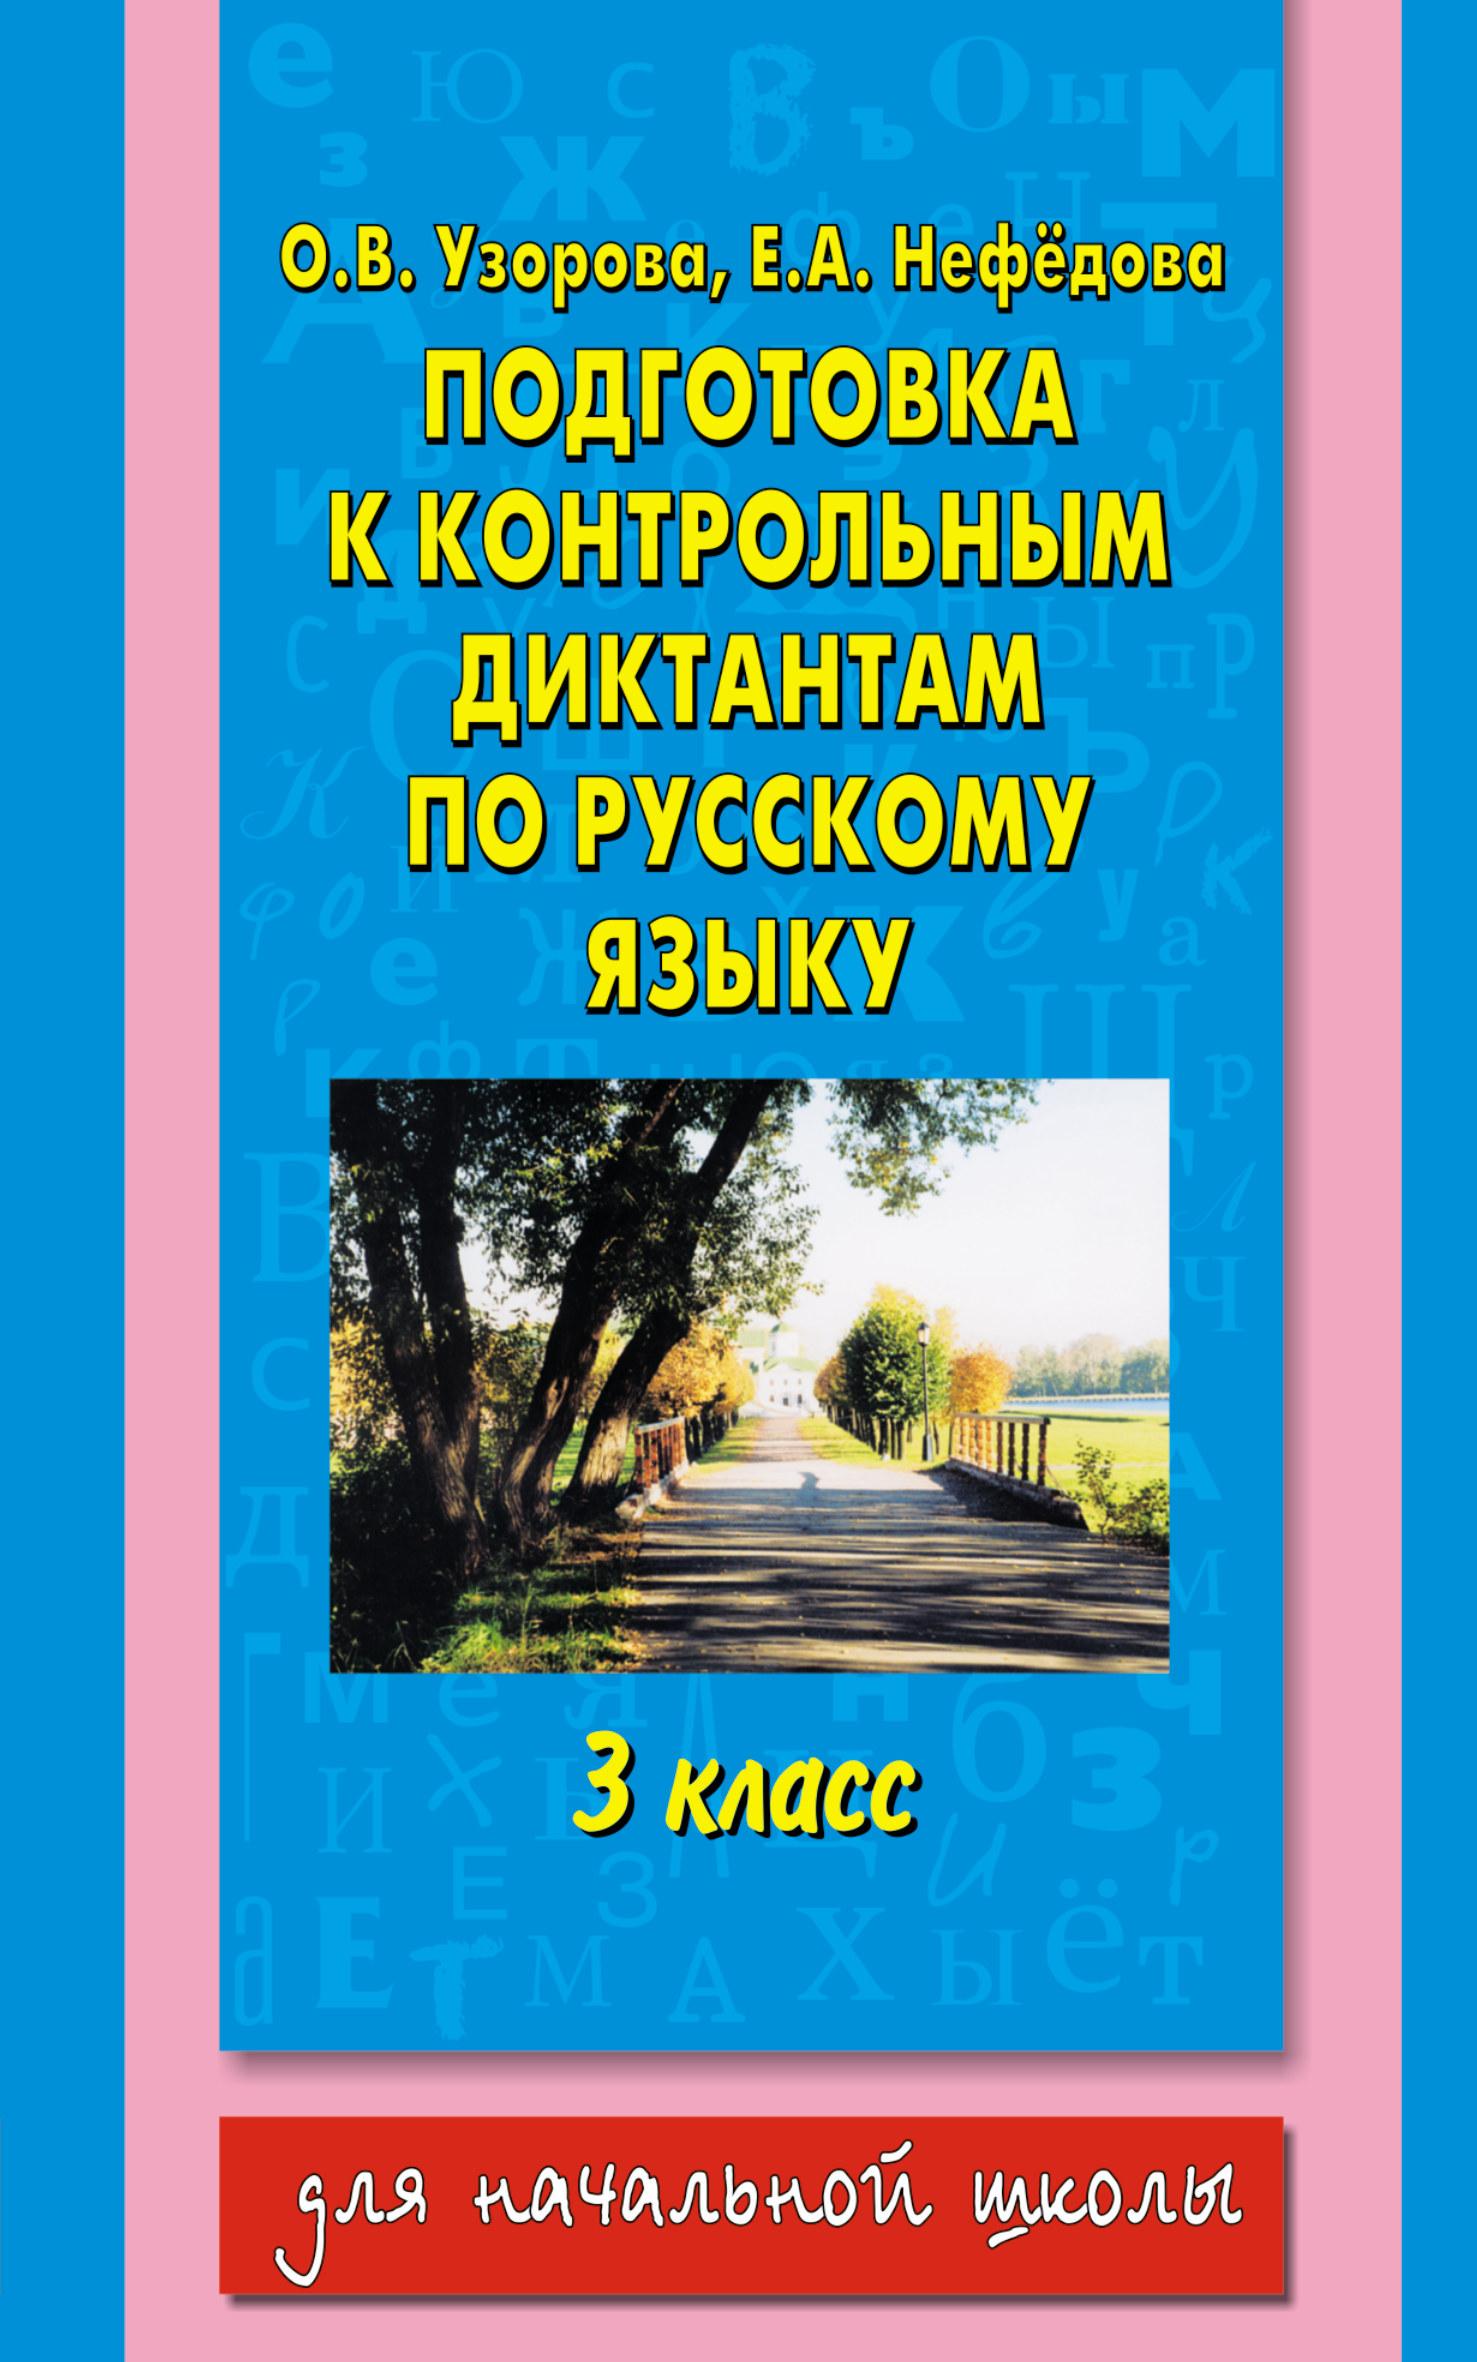 Книга Подготовка к контрольным диктантам по русскому языку  Подготовка к контрольным диктантам по русскому языку 3 класс